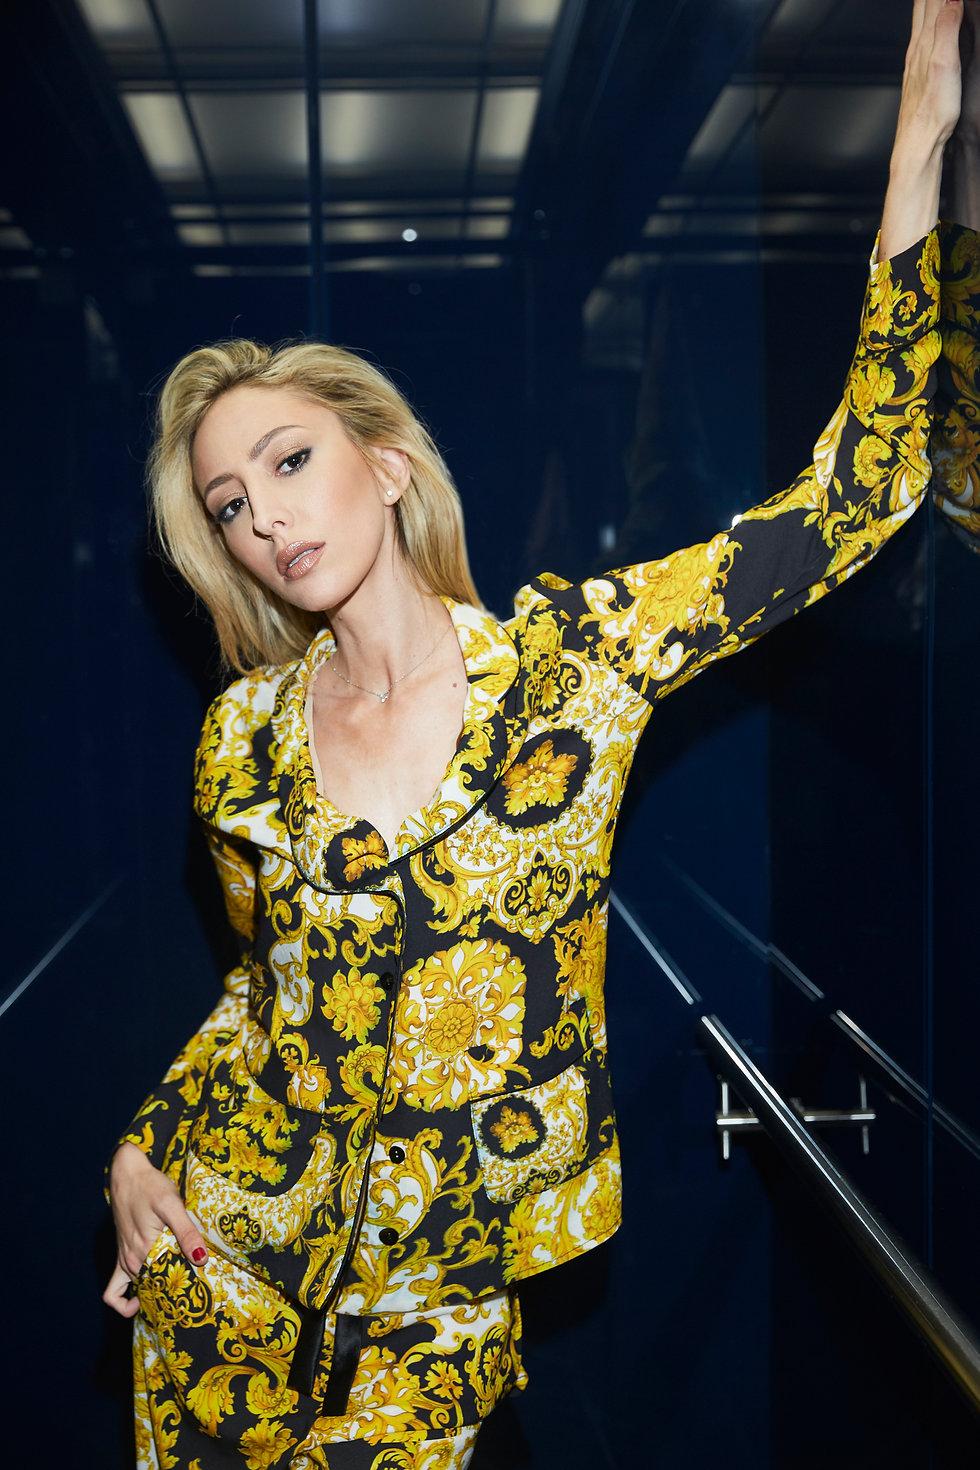 ג׳וליה לוי בוקן בהפקת אופנה לגלאמיק